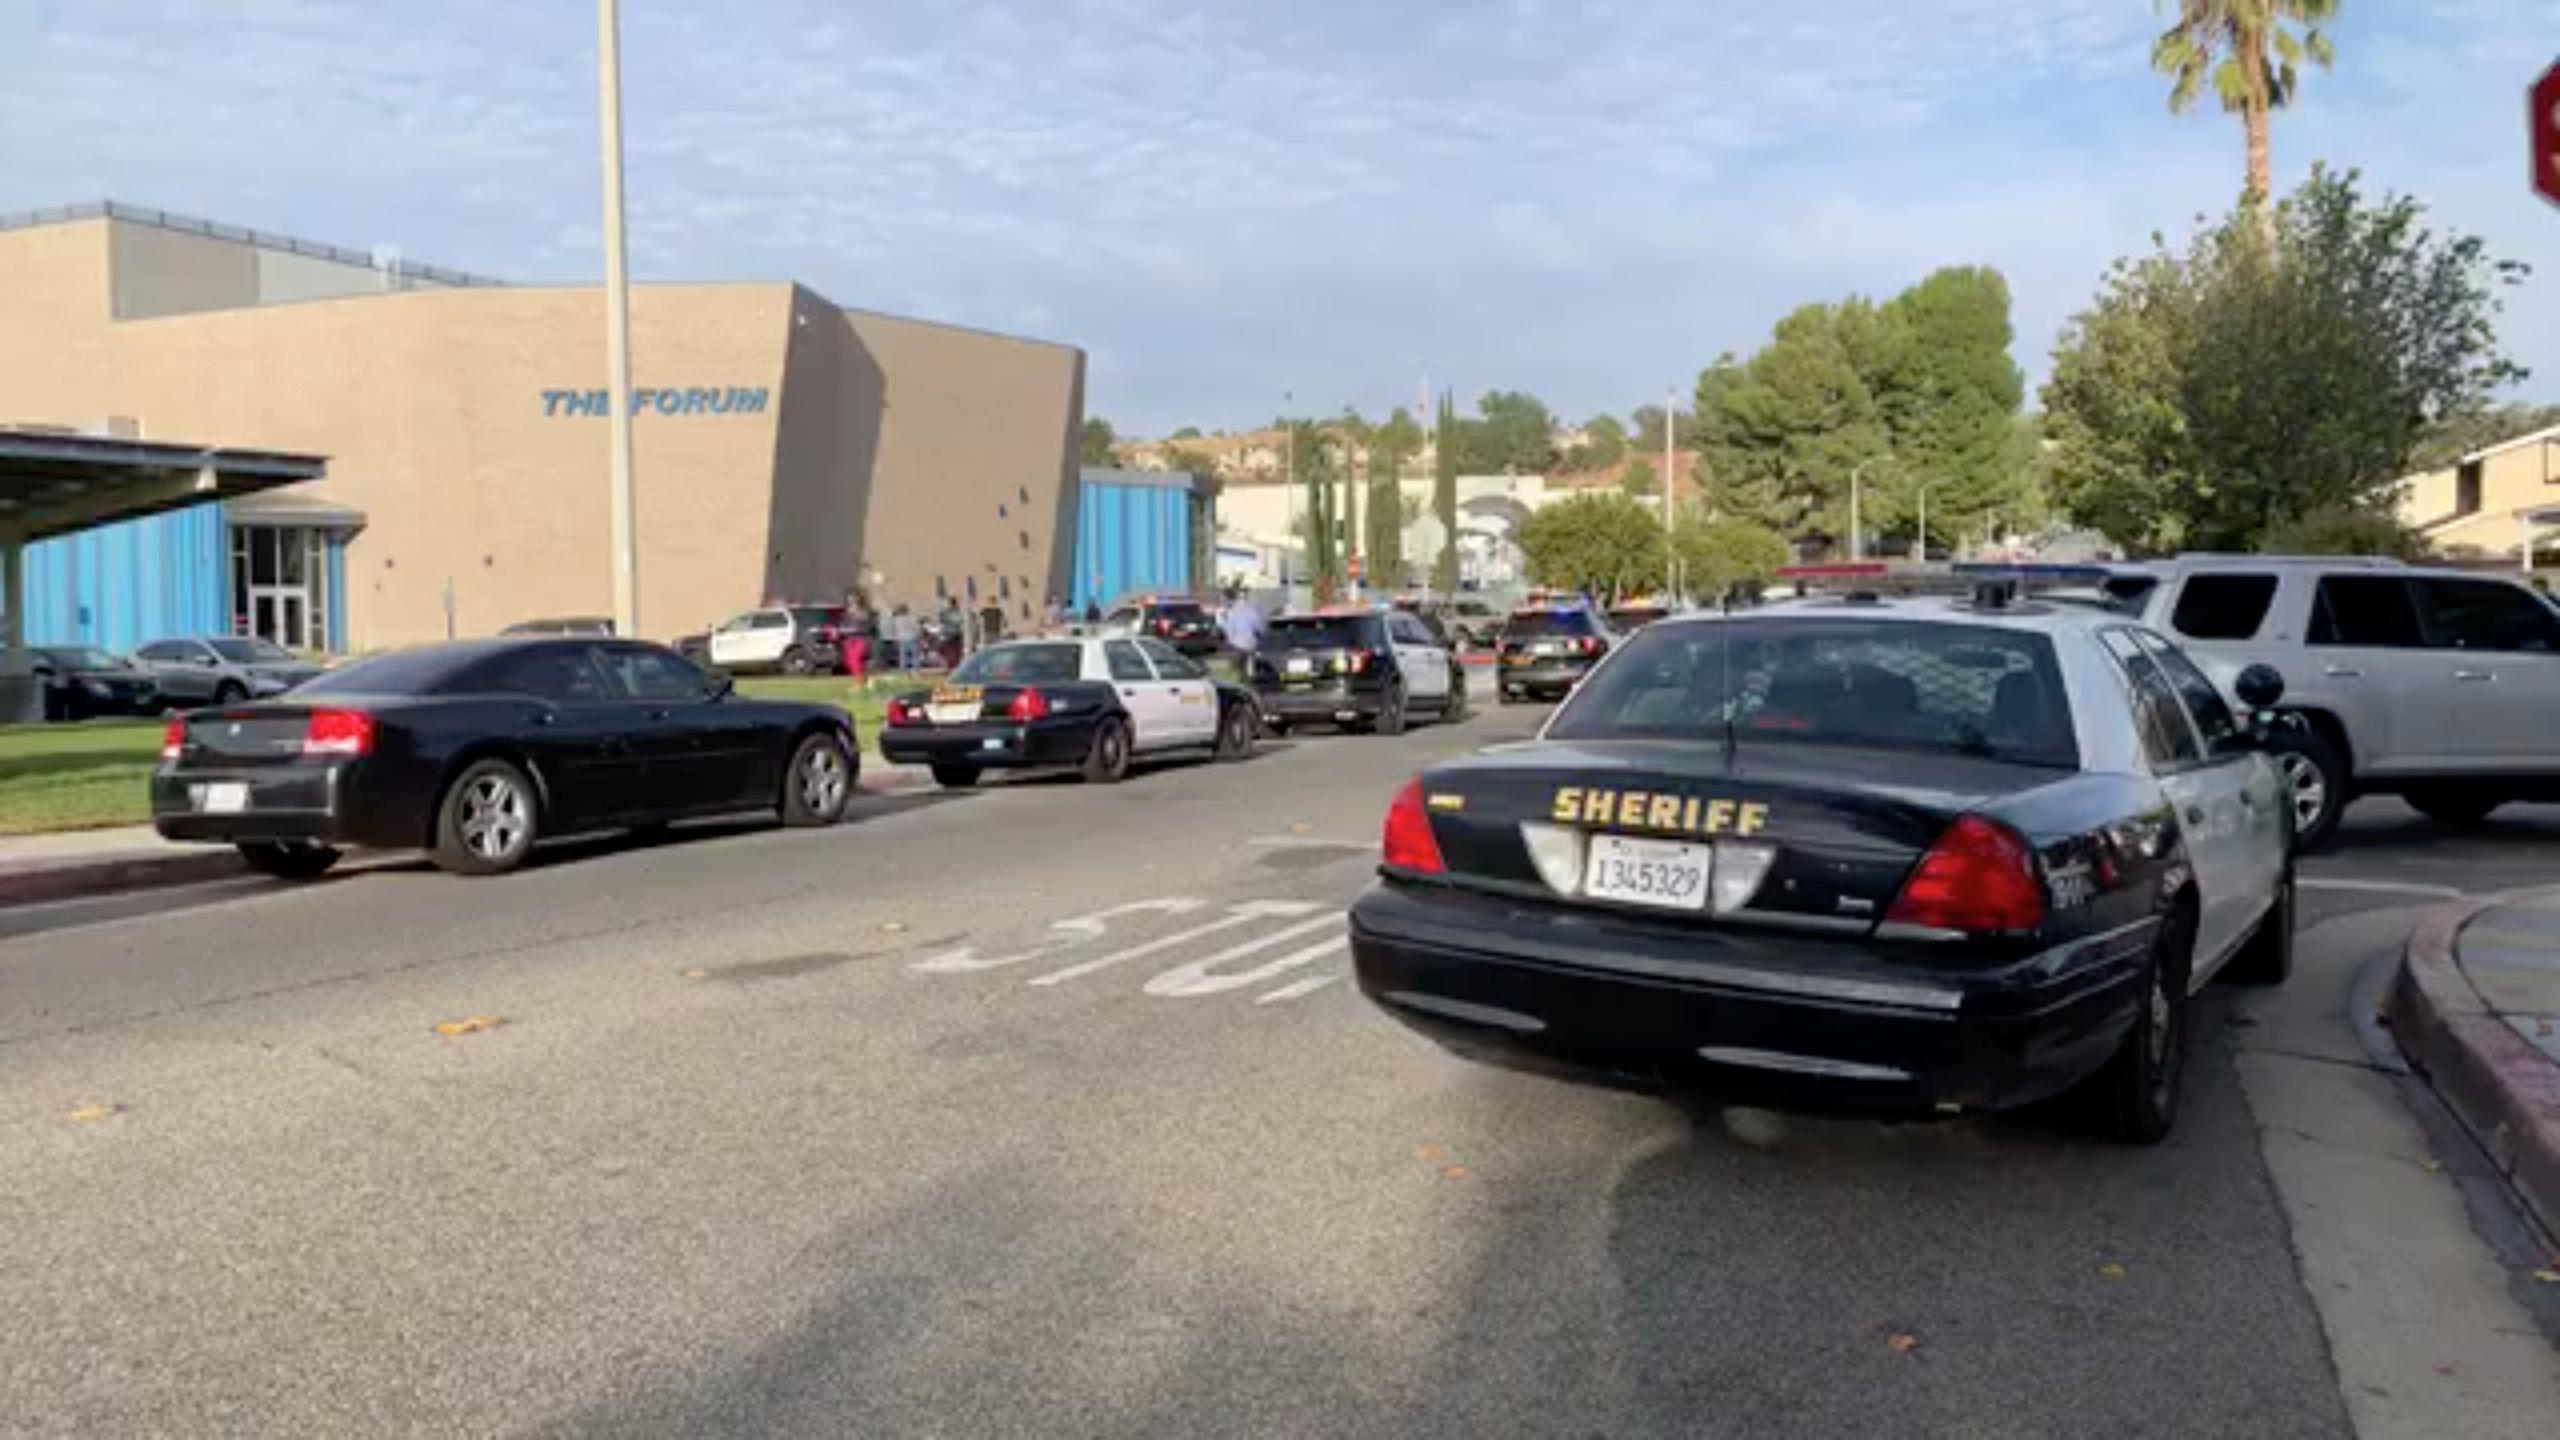 Καλιφόρνια: Τουλάχιστον μία νεκρή από τα πυρά 15χρονου σε συγκρότημα σχολείων